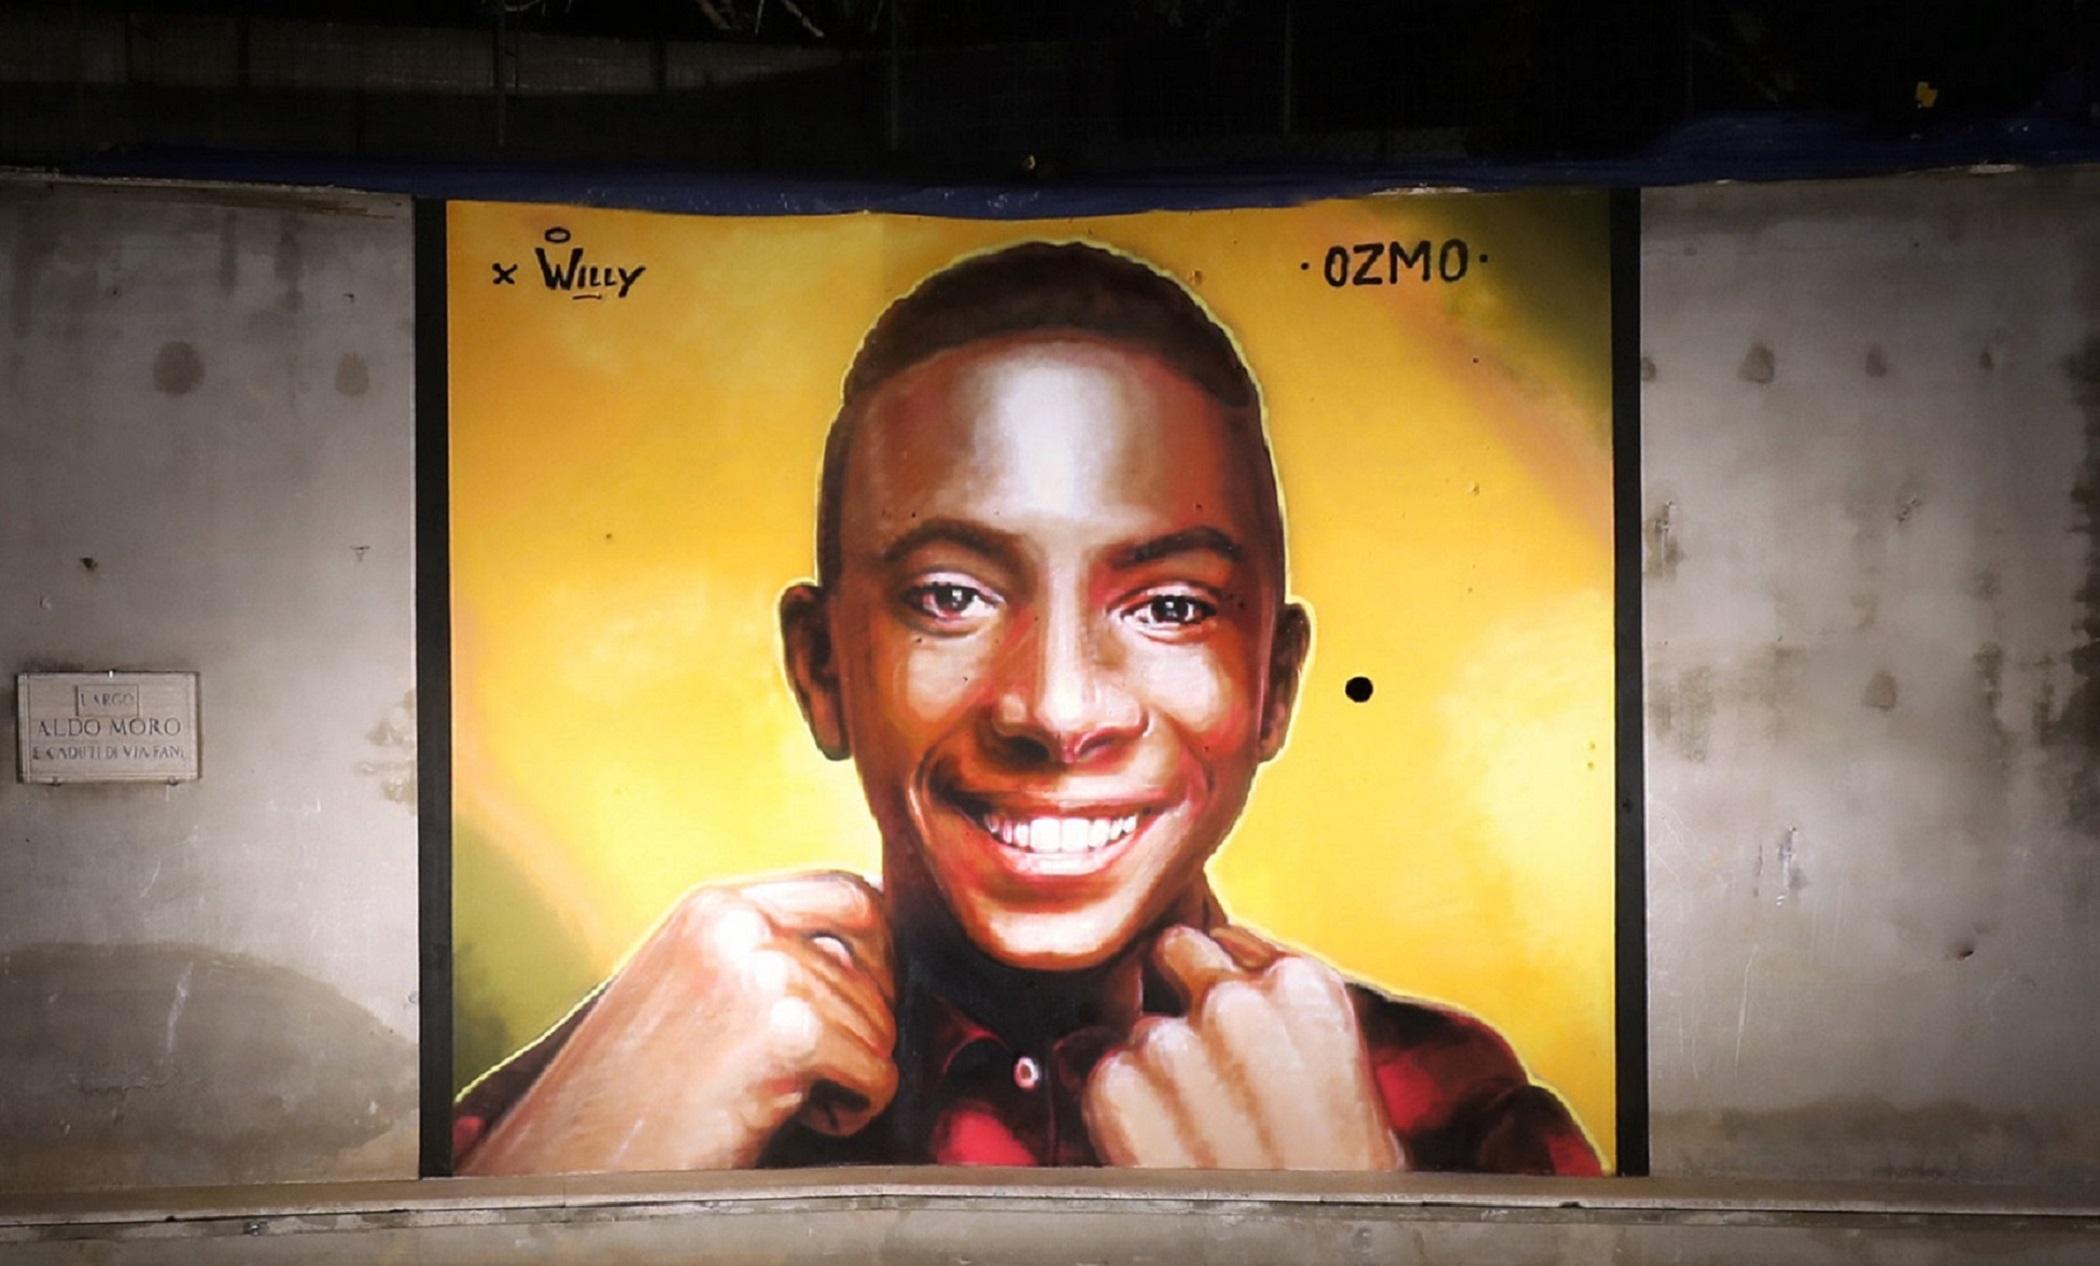 Per Willy. A Paliano, l'intenso murale di Ozmo dal forte valore simbolico